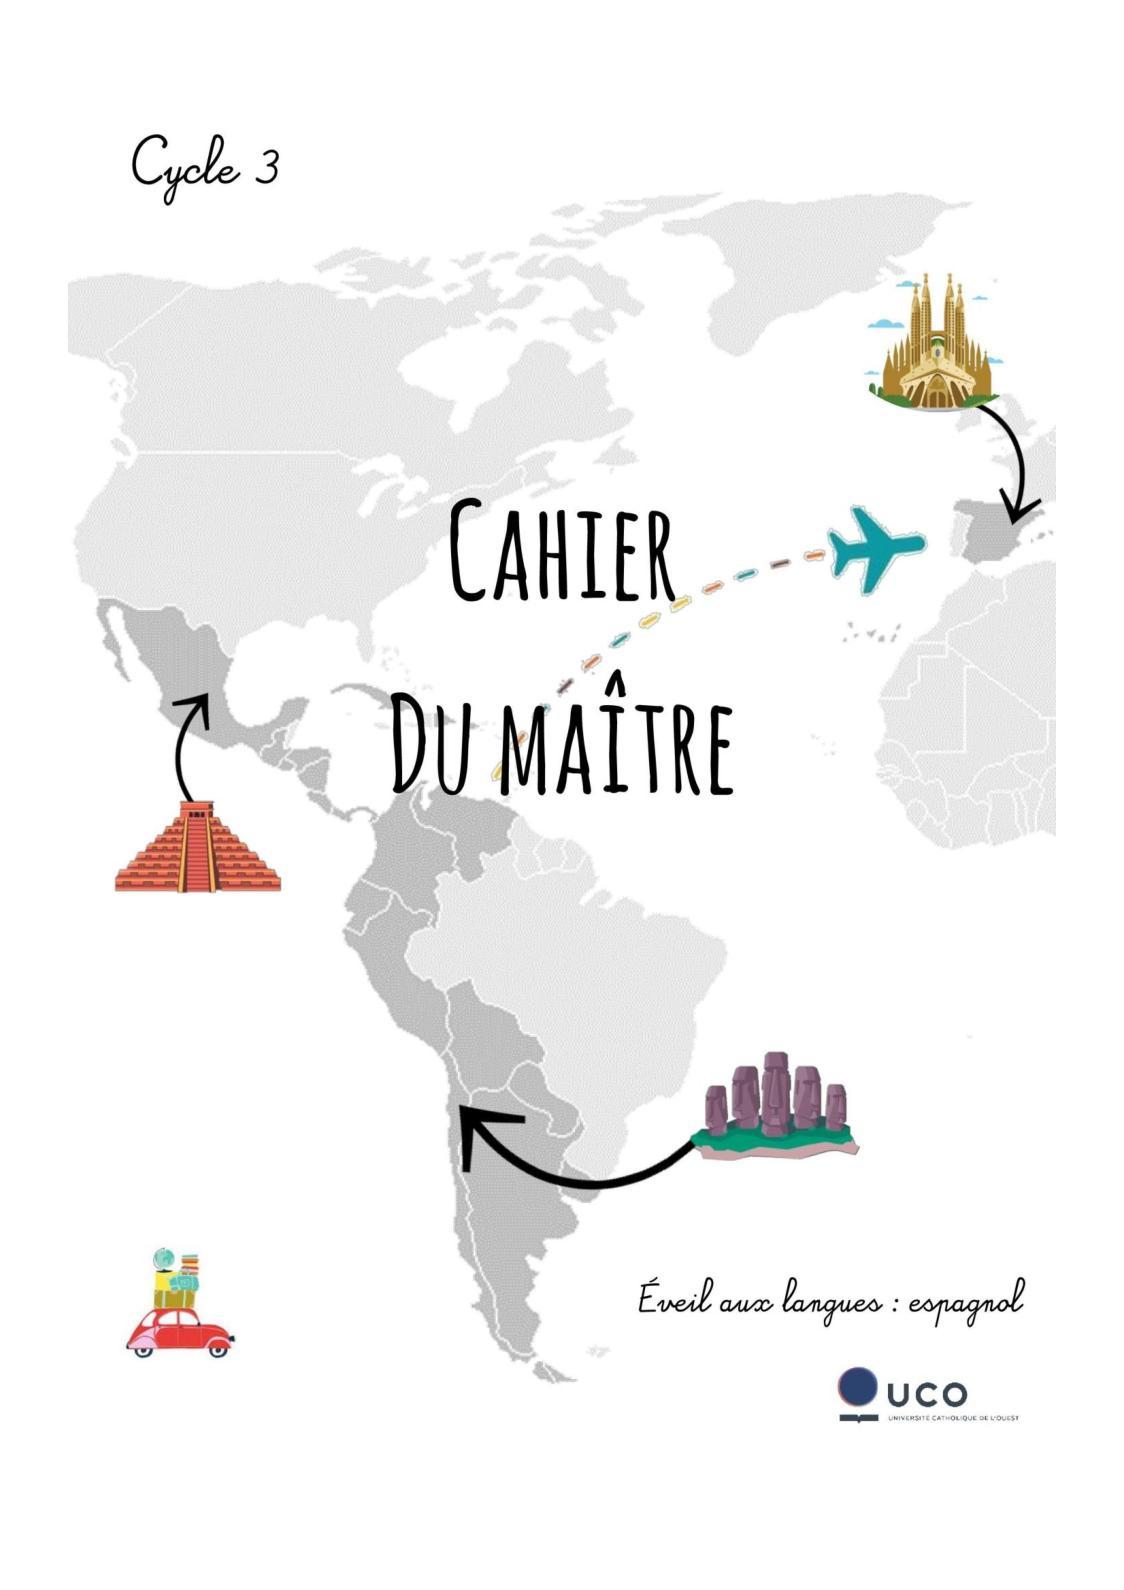 Cahier du maître - Cycle 3 - Espagnol